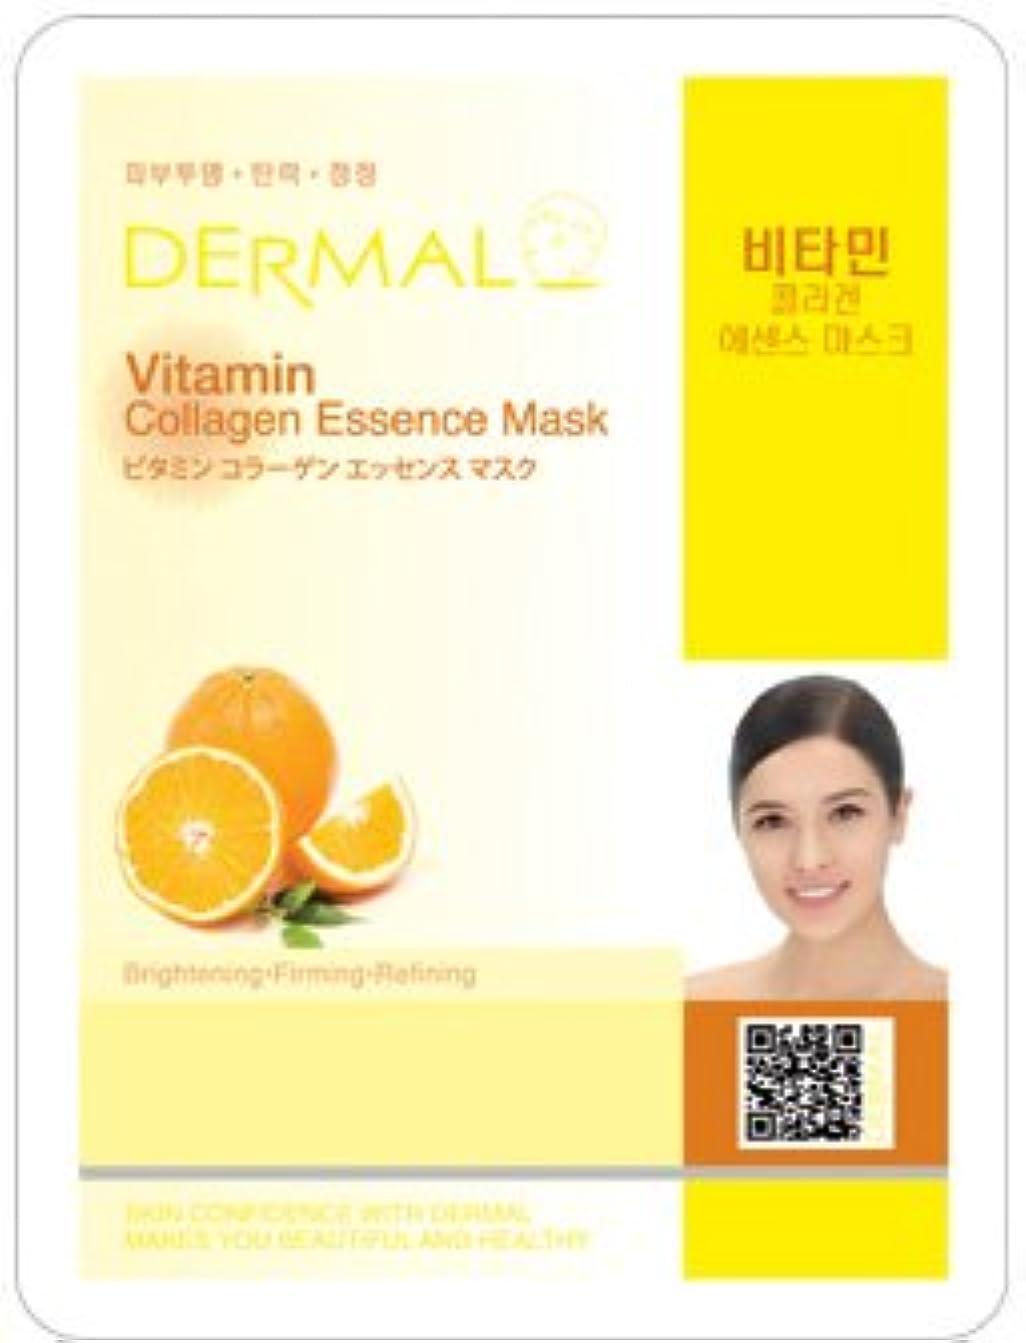 死言い聞かせる急行するシートマスク ビタミン 10枚セット ダーマル(Dermal) フェイス パック